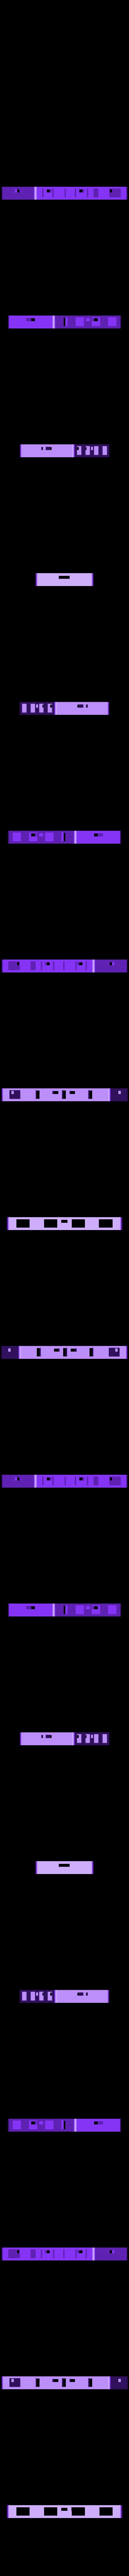 TL-Smoother_enclosure_bothem.stl Télécharger fichier STL gratuit Boîtier TL-Smoother Plus (encore un autre) • Plan pour imprimante 3D, 3DED